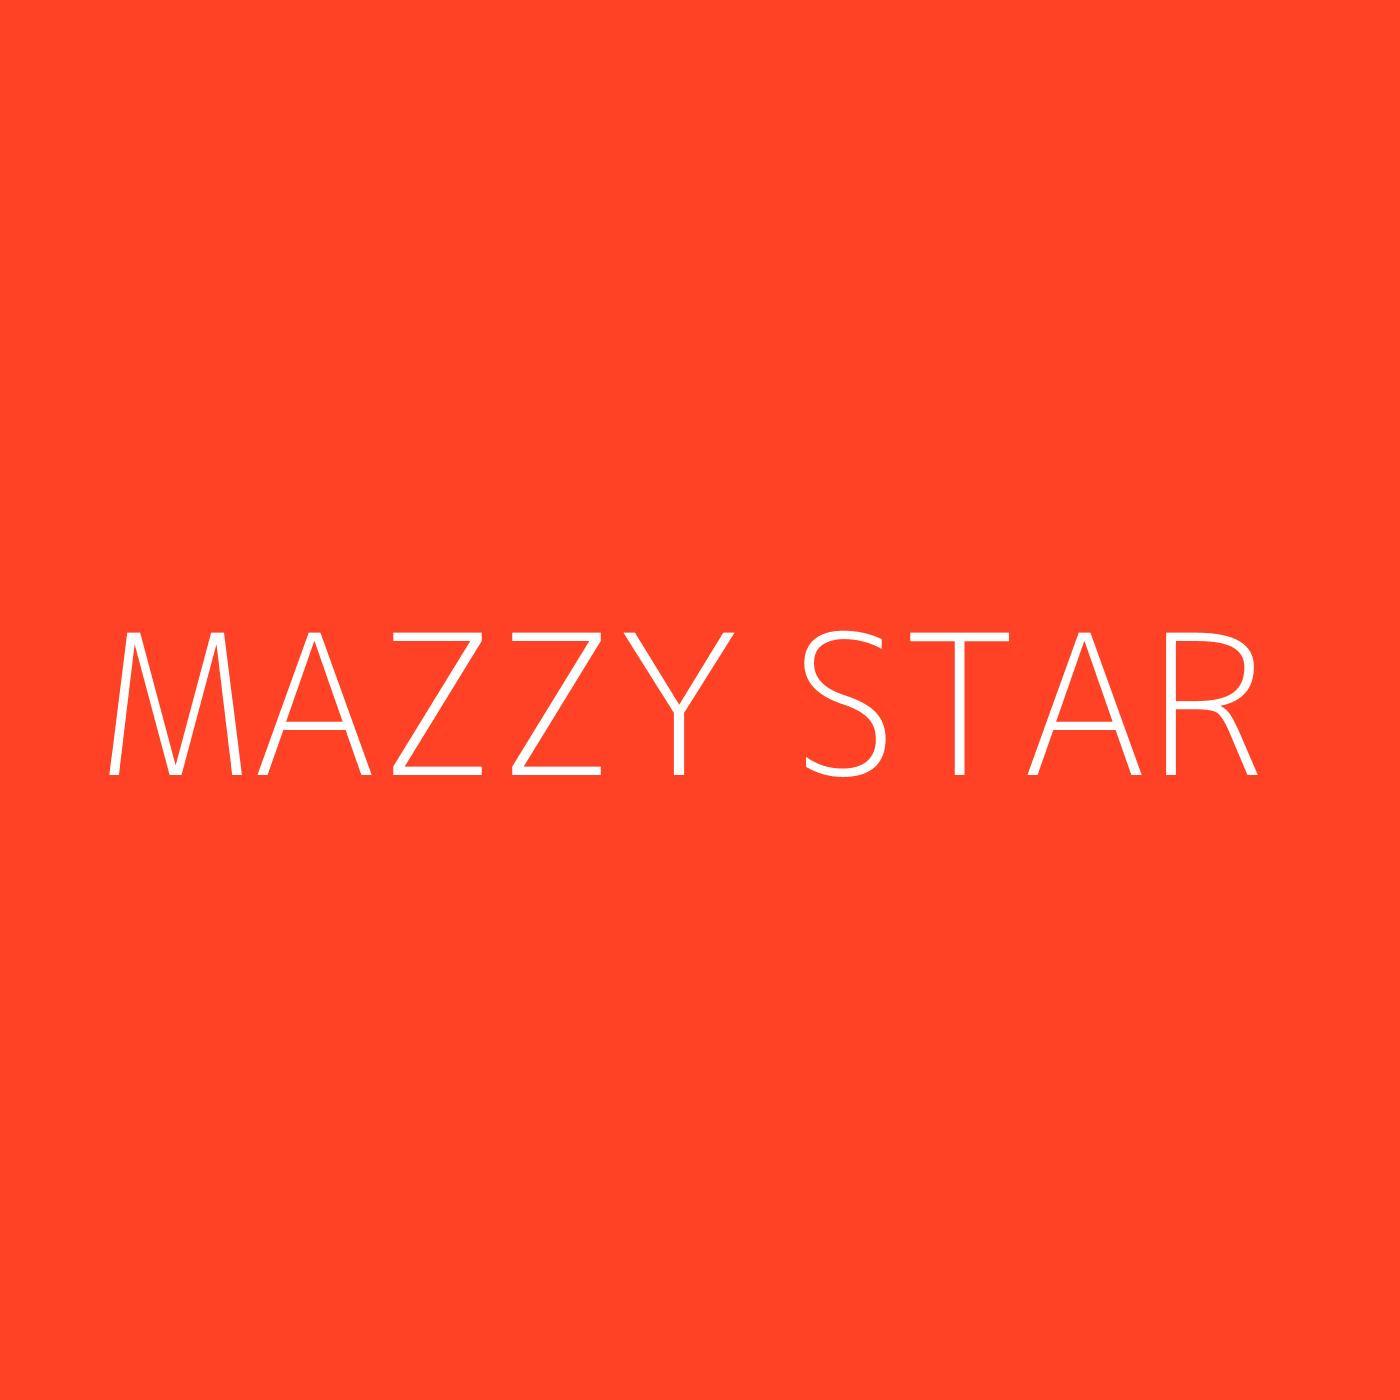 Mazzy Star Playlist Artwork